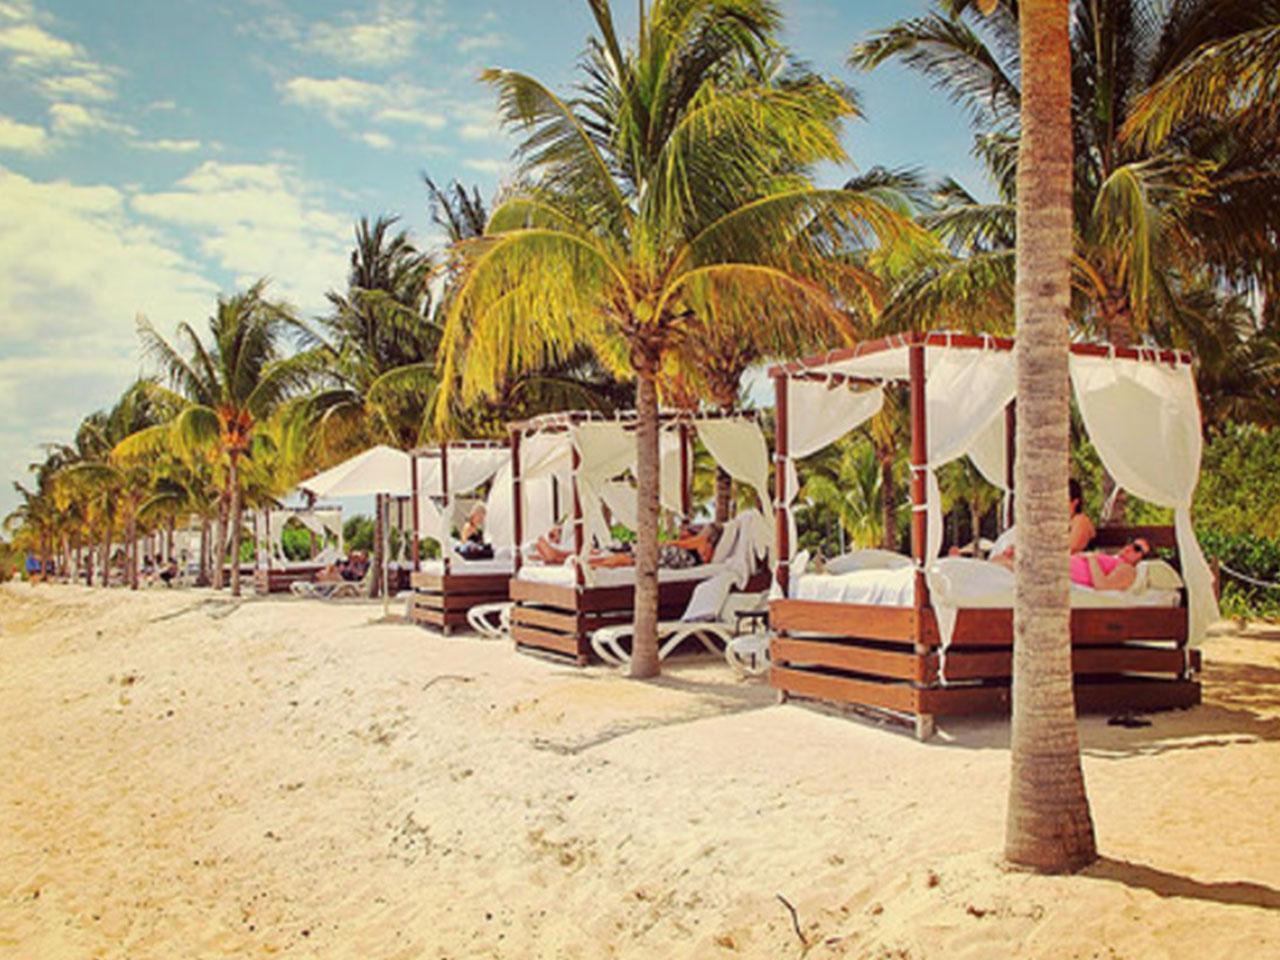 Bodas en la playa paquetes - decoración de playa